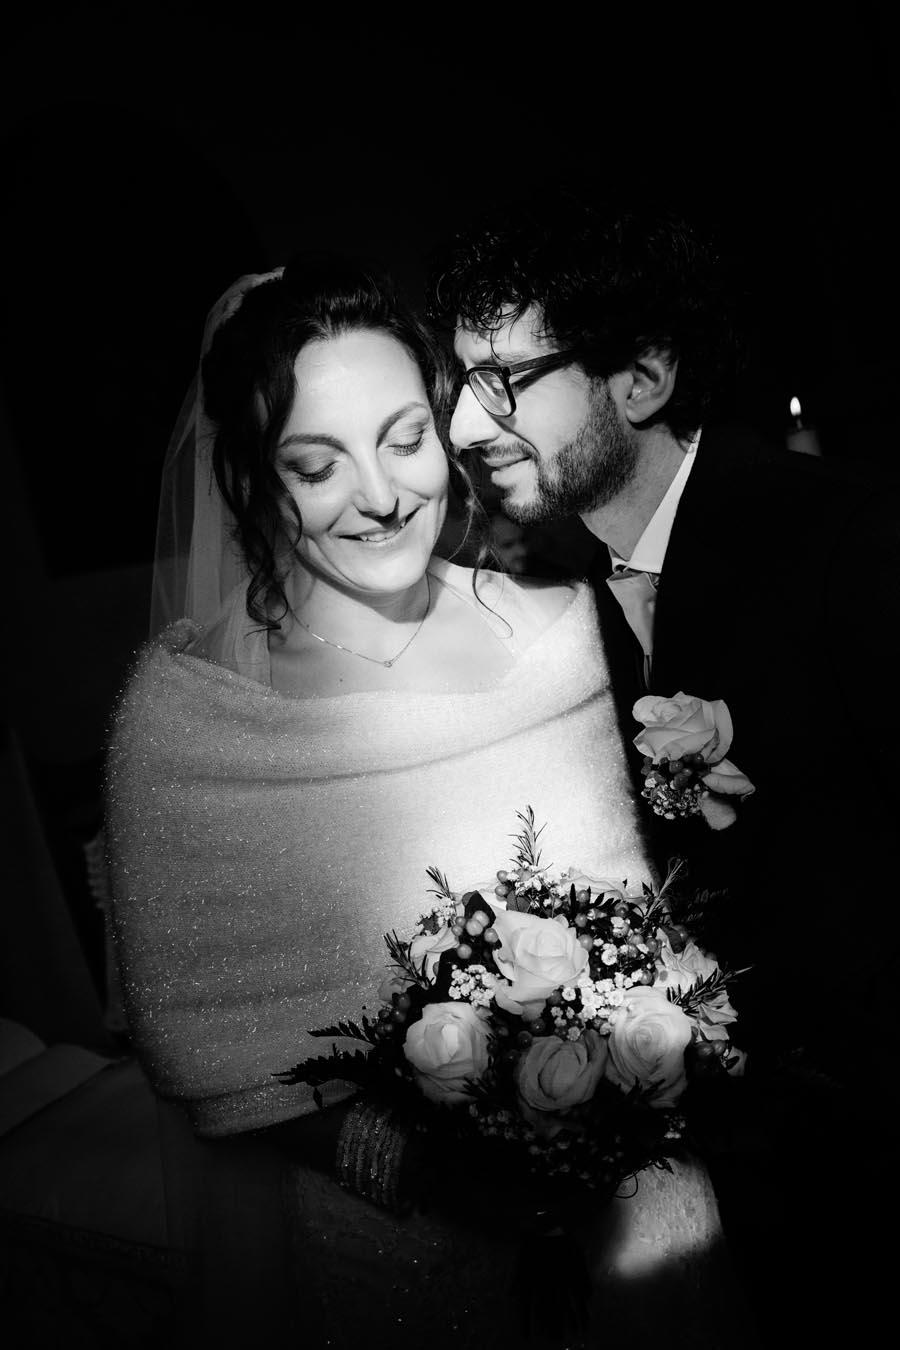 Silvia e Massimo sposi-Wedding reportage-Renato Zanette Fotografo Matrimonio Treviso-Revine Lago-Tarzo-due in uno spicchio di luce